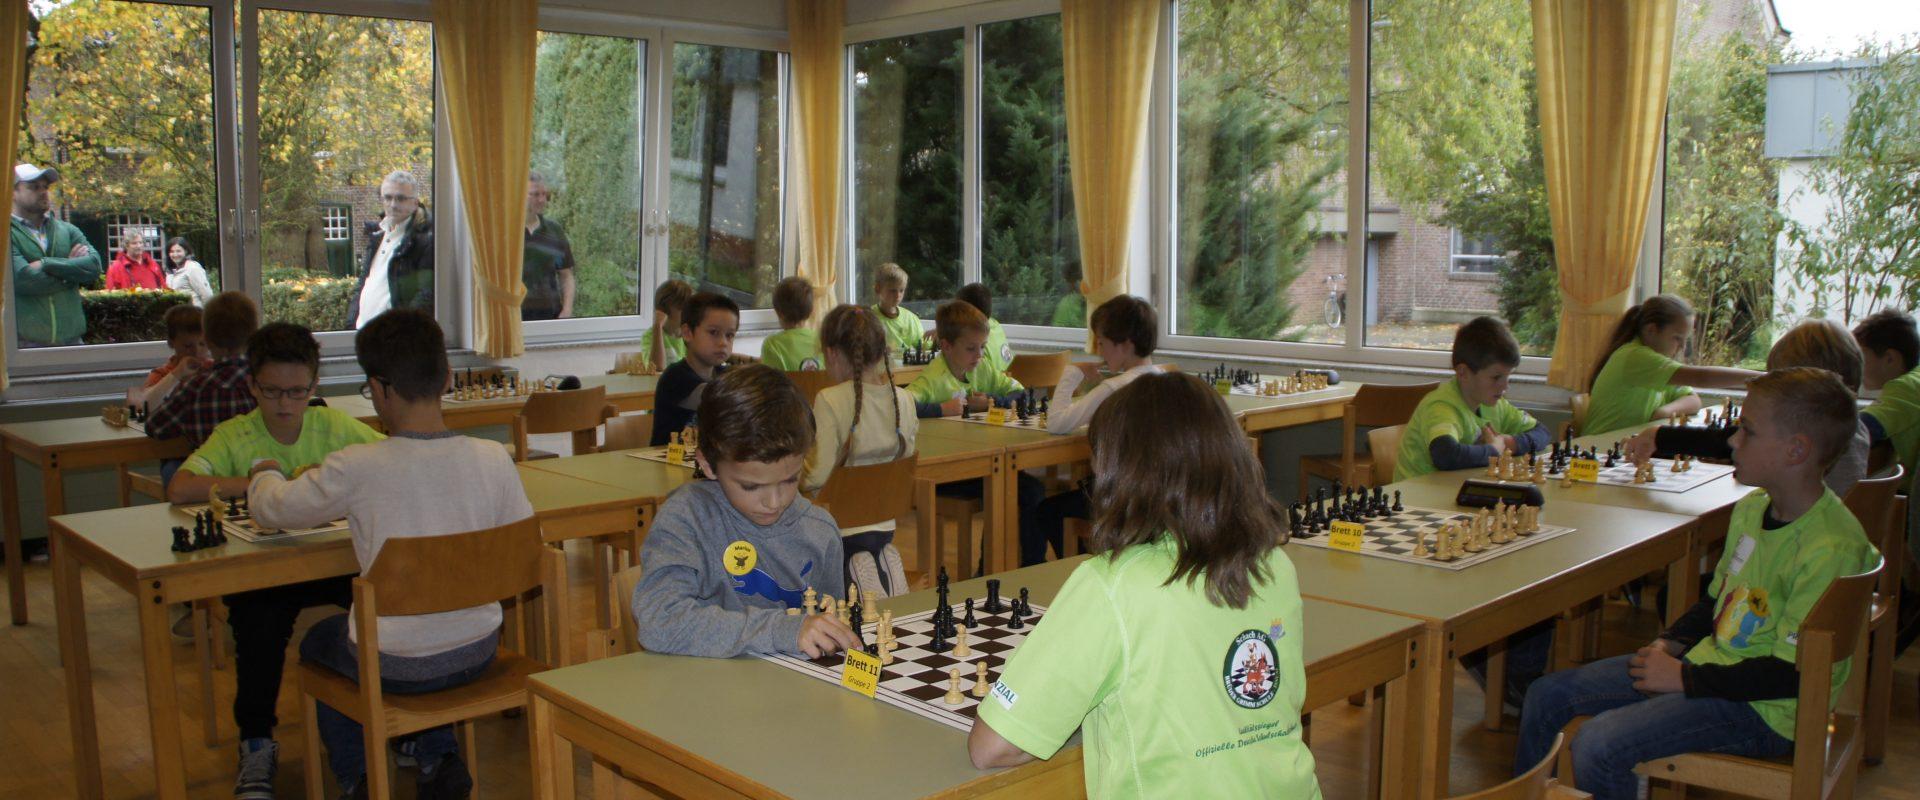 Permalink auf:82 Kinder spielen für die gute Sache